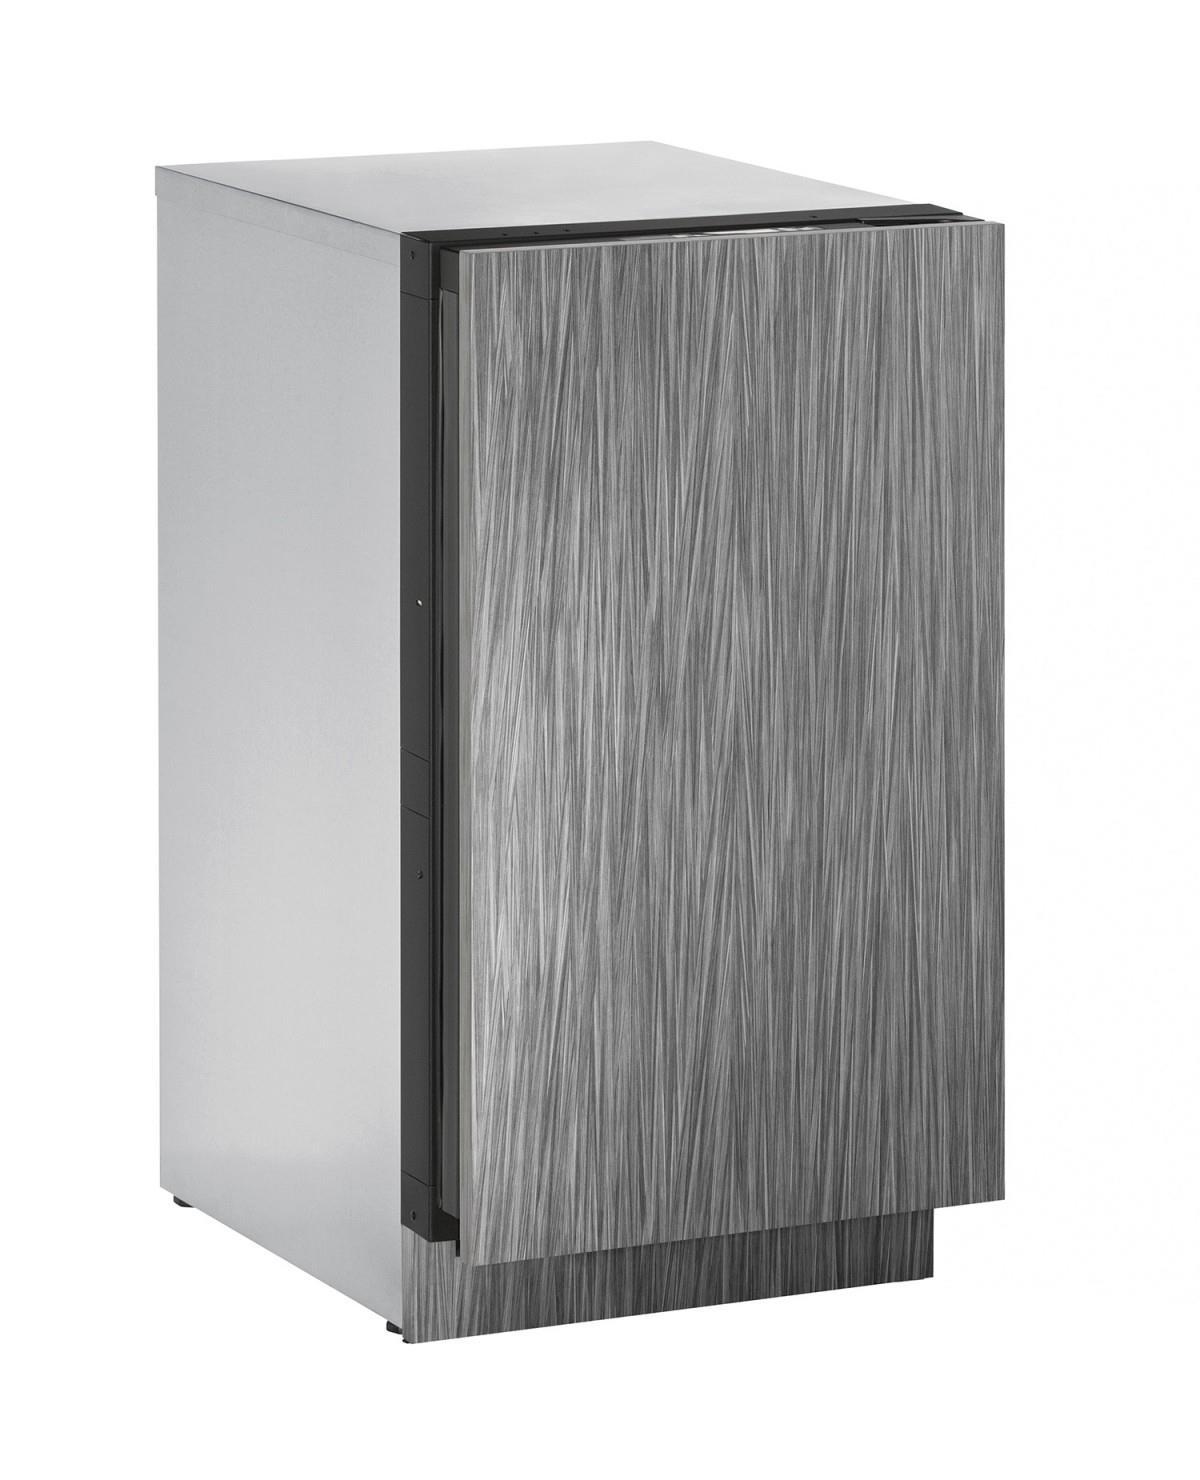 """U-Line Ice Maker 18"""" Built-in Clear Ice Machine - Item Number: U-3018CLRINT-01A"""